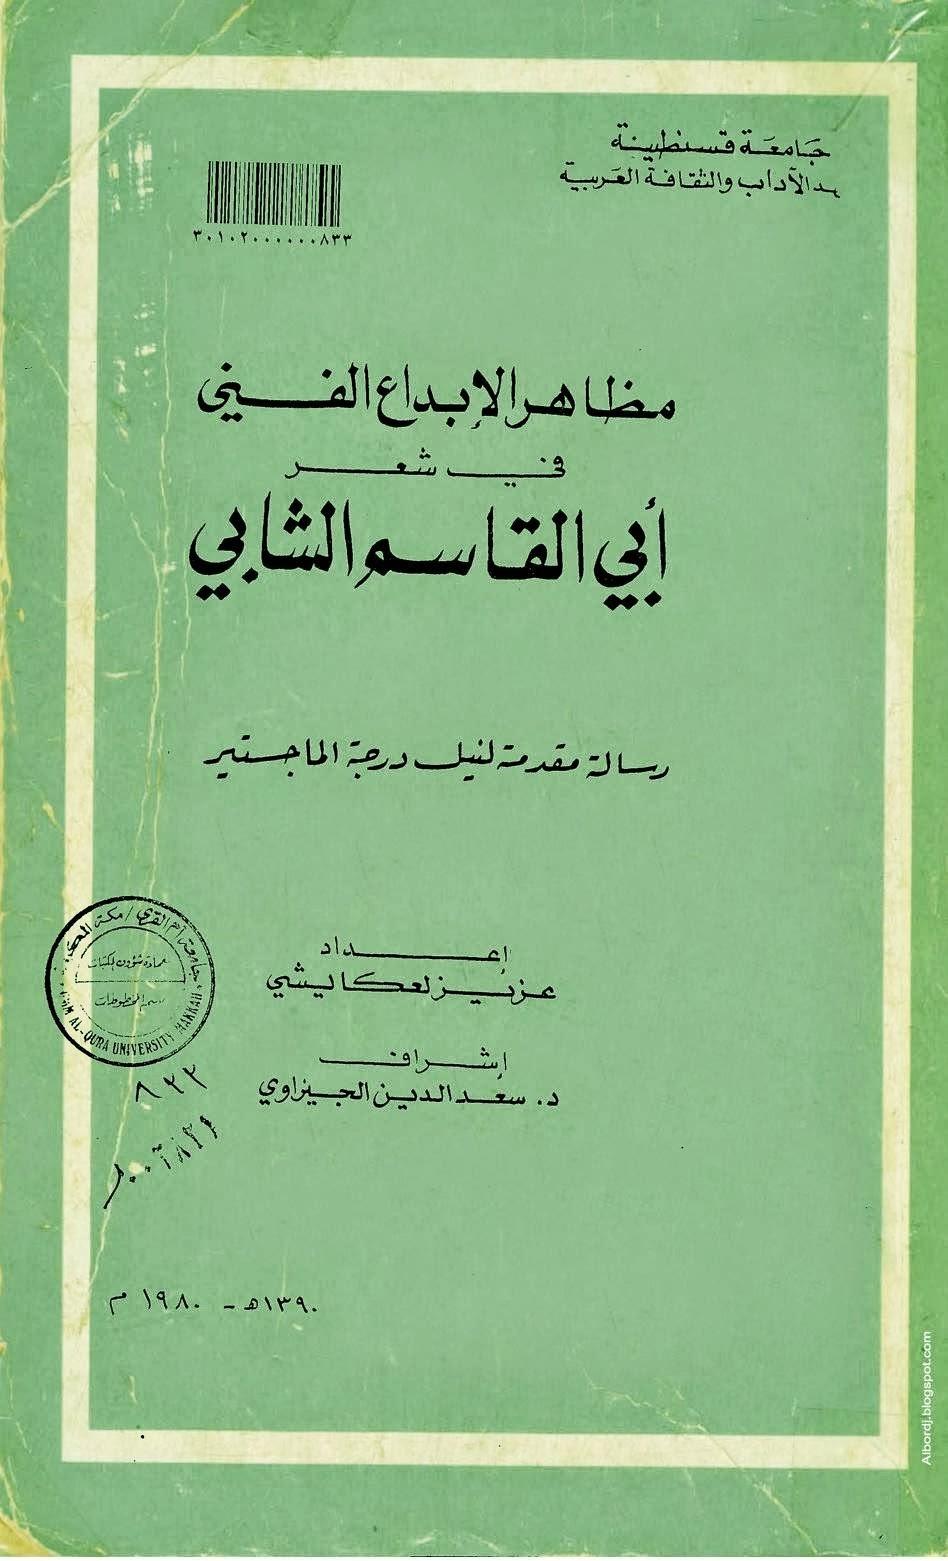 مظاهر الإبداع الفني في شعر أبي القاسم الشابي - رسالة ماجستير pdf